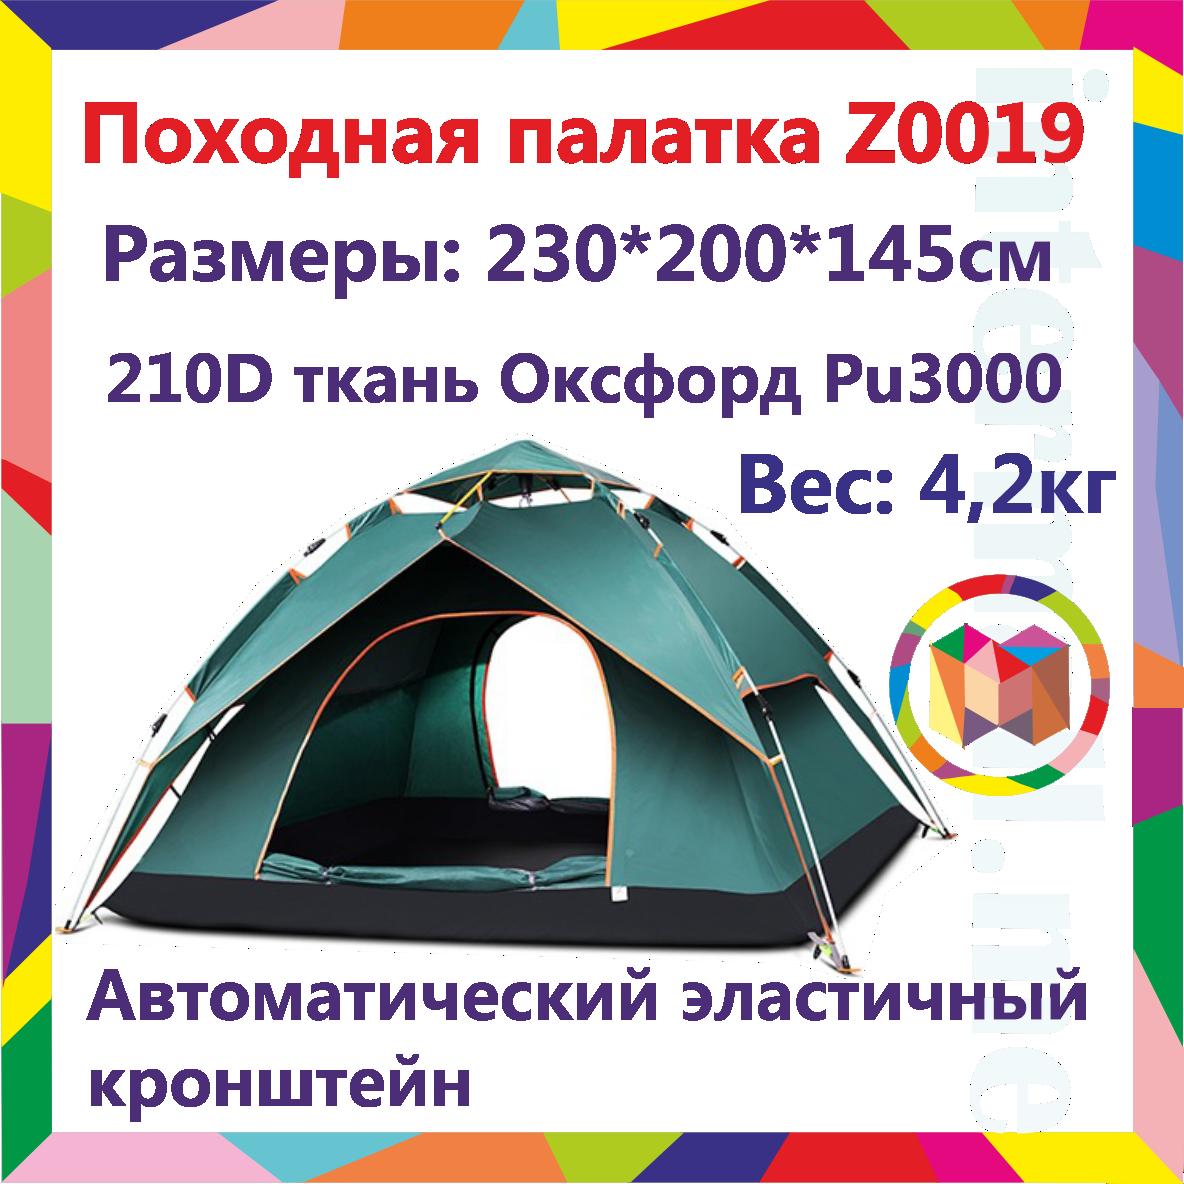 Четырехместная палатка, водонепроницаемая, съемный дождевик, 210* 210* h 135см, палатка TUOHAI TH 5061